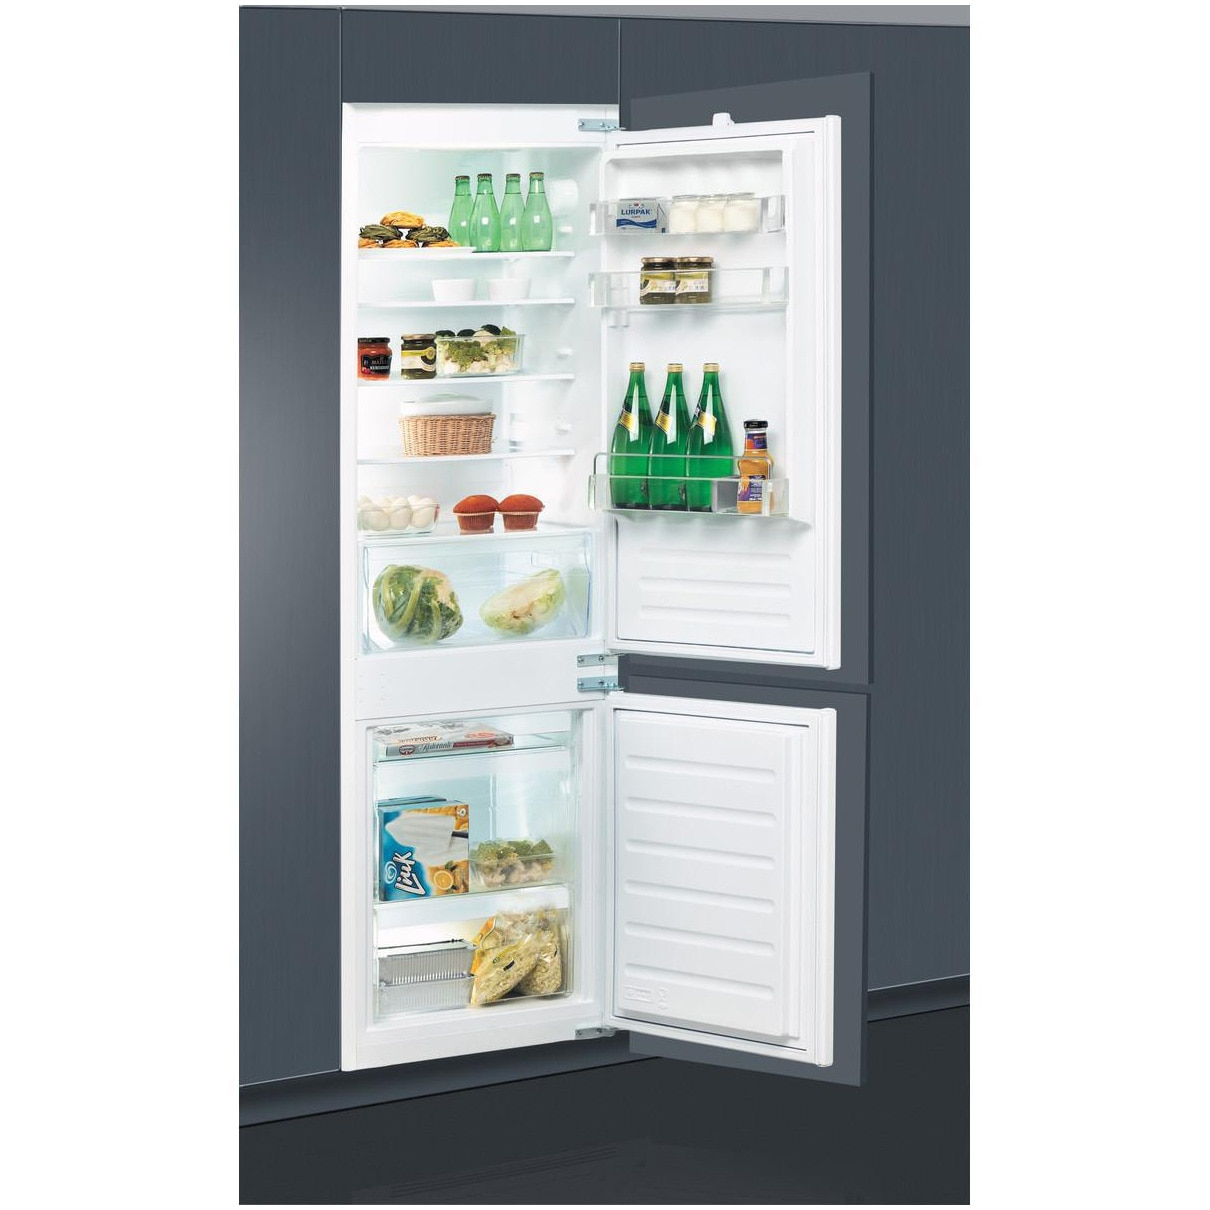 Fotografie Combina frigorifica incorporabila Whirlpool ART650221, 273l, Clasa F, LessFrost, Fresh Box, H 177 cm, Alb